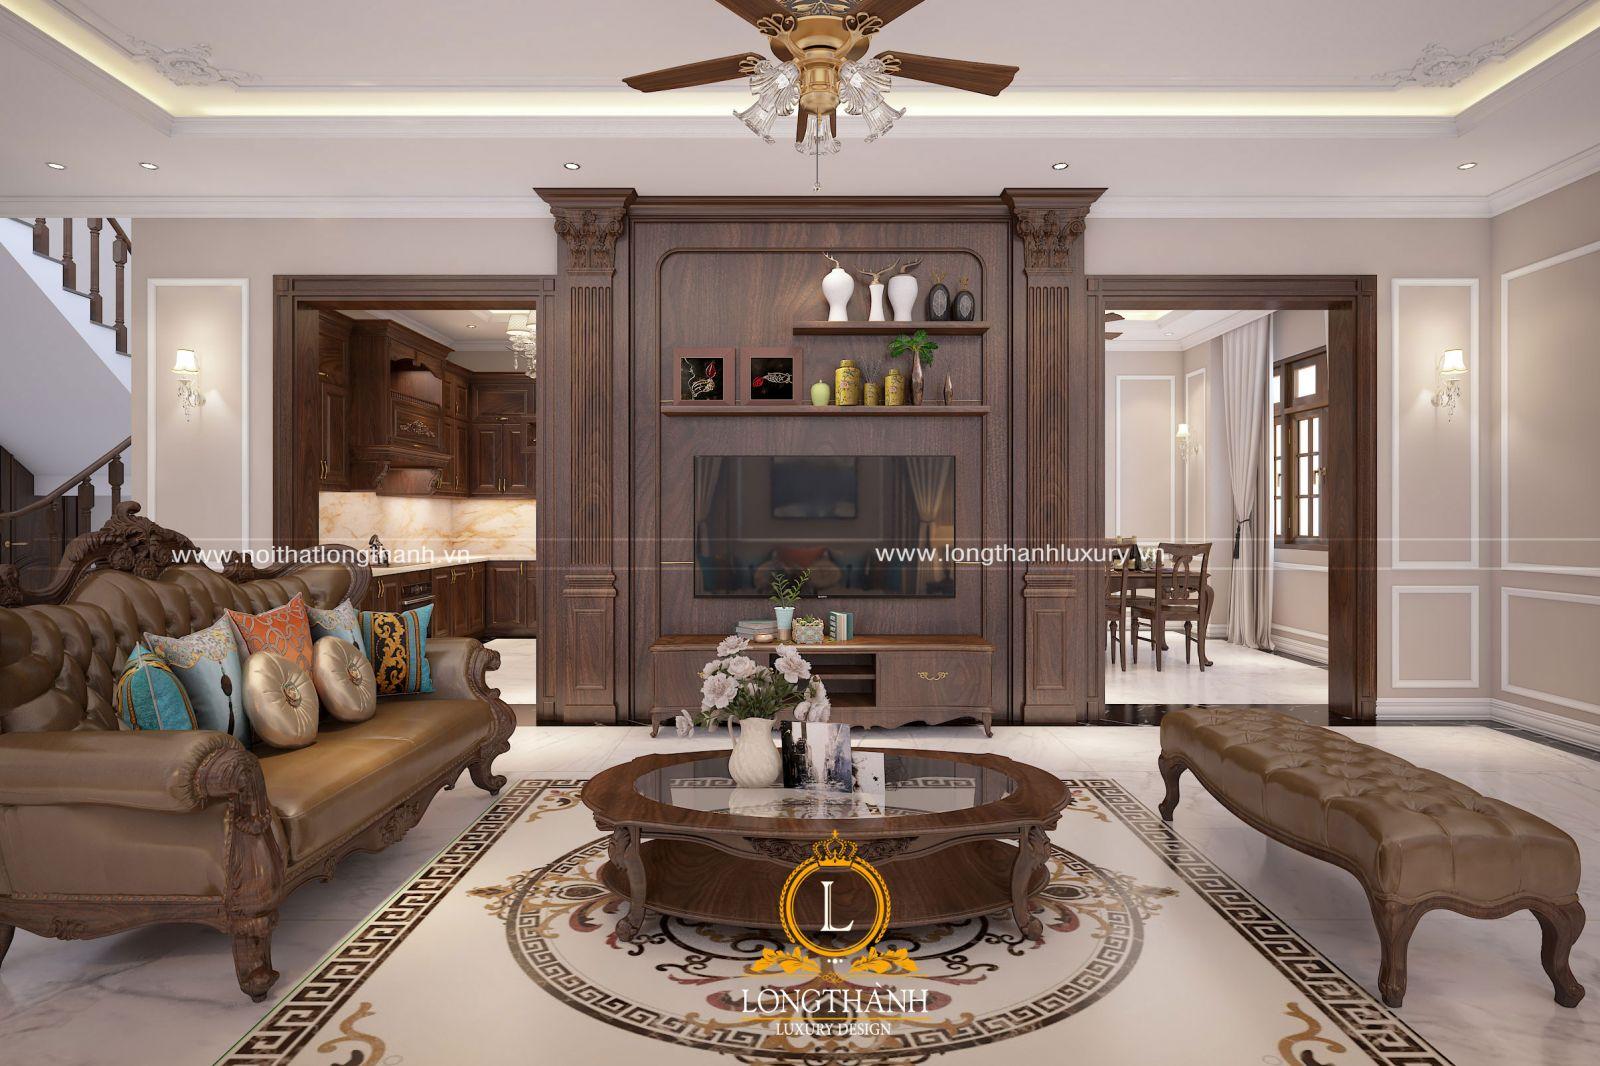 Vách ngăn phân chia phòng khách và phòng ngủ nhà phố tiện nghi